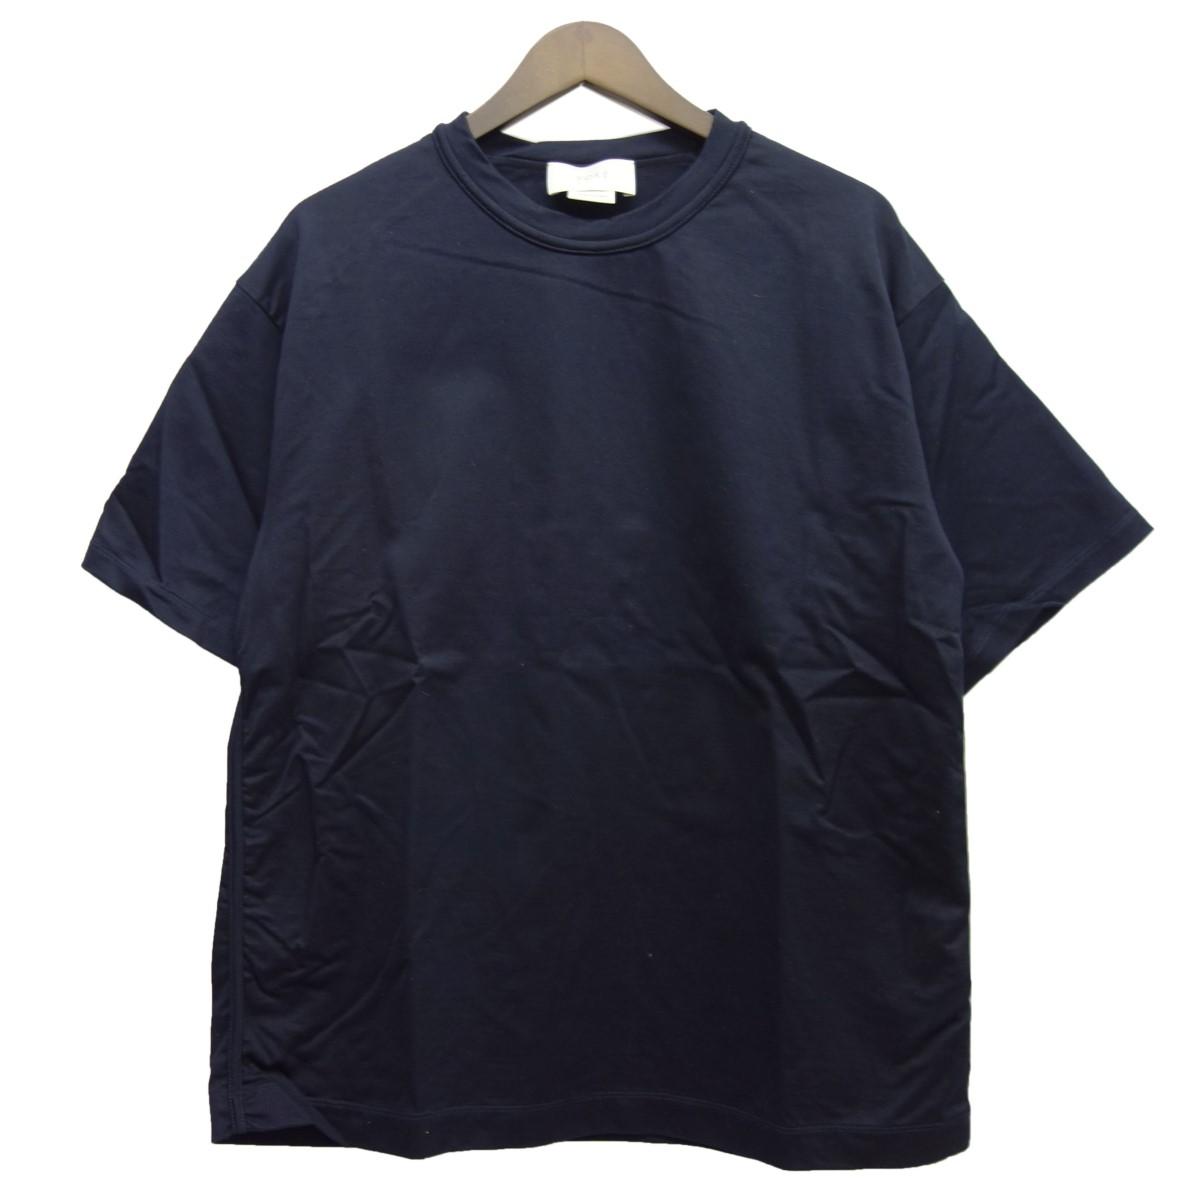 【中古】YOKE 19SS「INSIDE OUT T-SHIRT」インサイドアウトTシャツ ネイビー サイズ:S 【200420】(ヨーク)